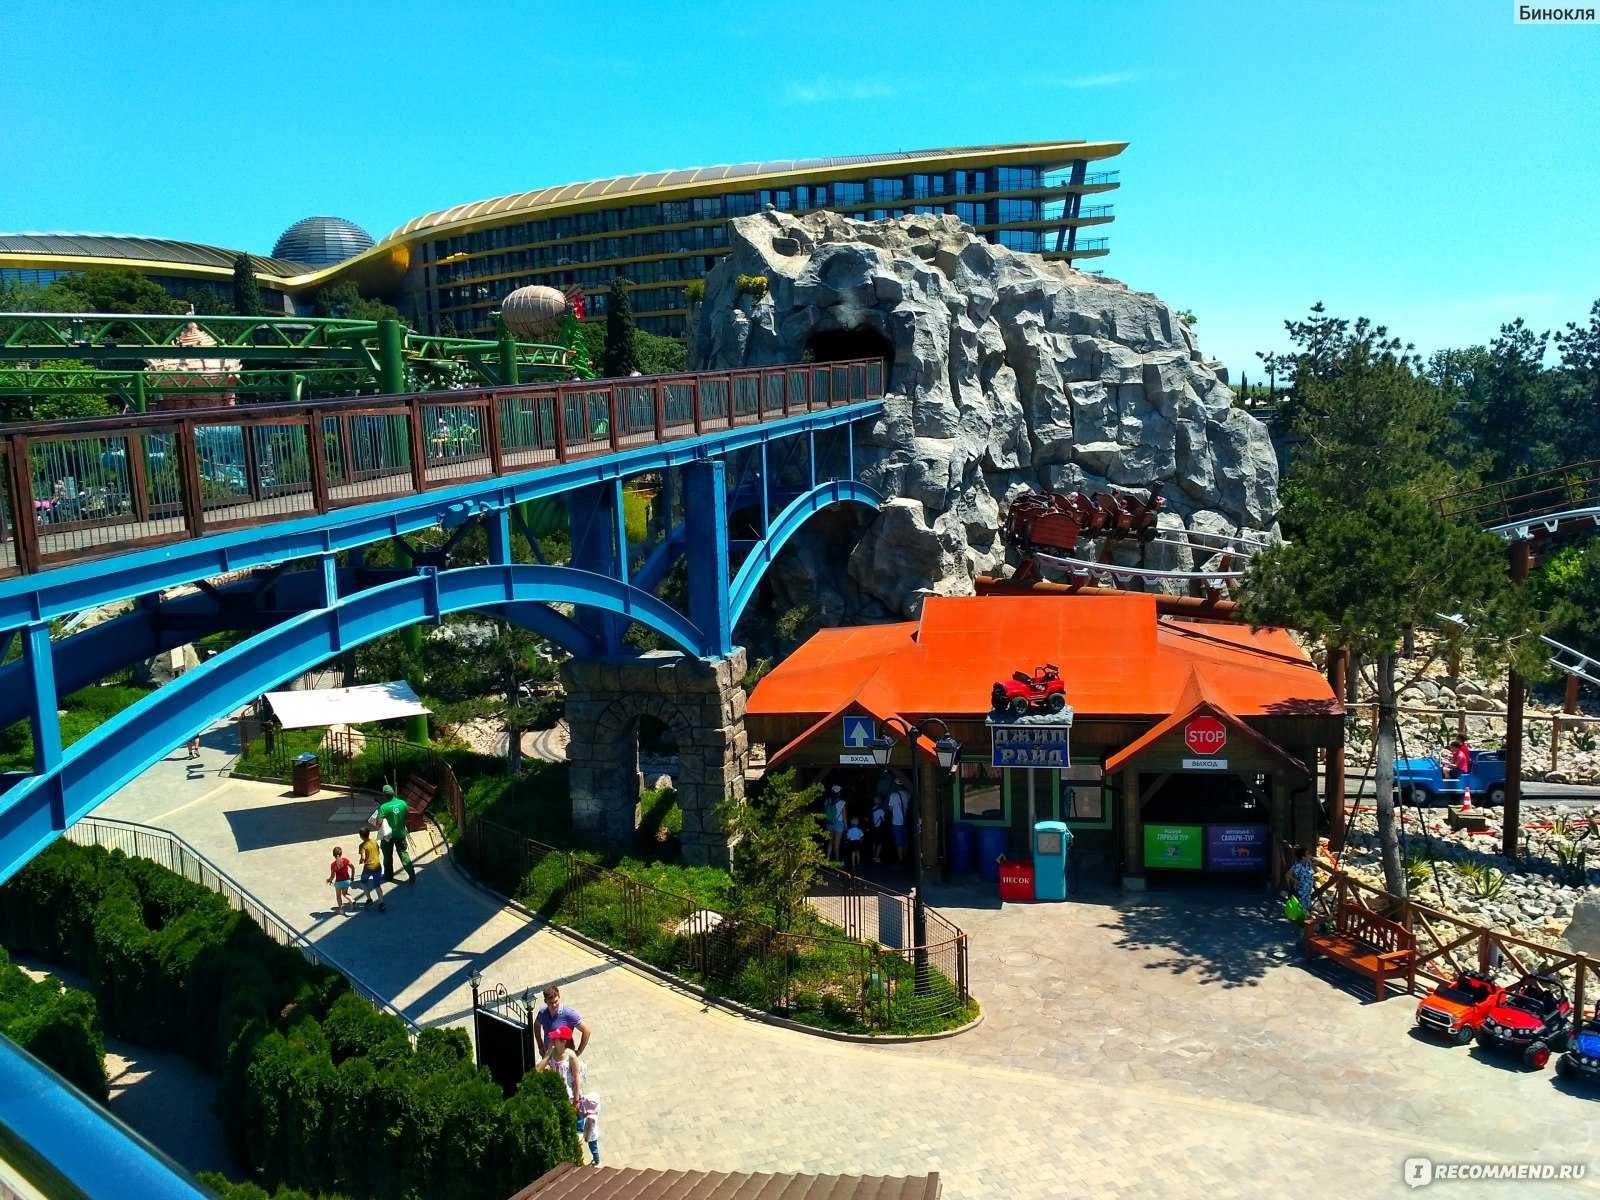 Парк развлечений «дримвуд», ялта, крым. «дримвуд» в отеле «мрия», официальный сайт, стоимость билетов 2020, фото, видео, как добраться — туристер.ру